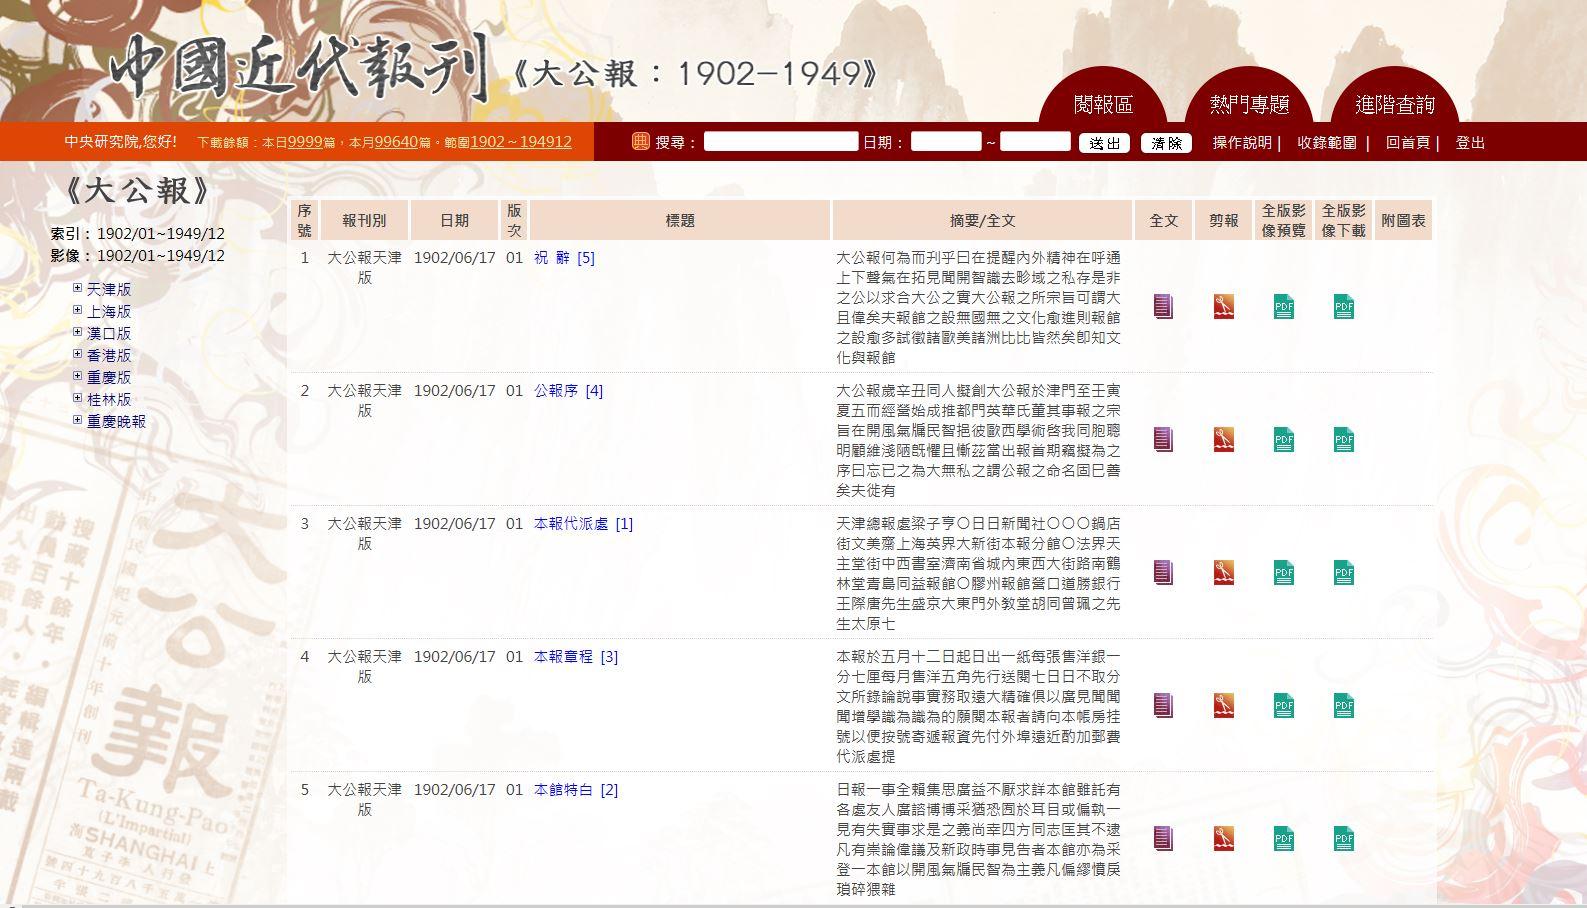 大公報:1902-1949